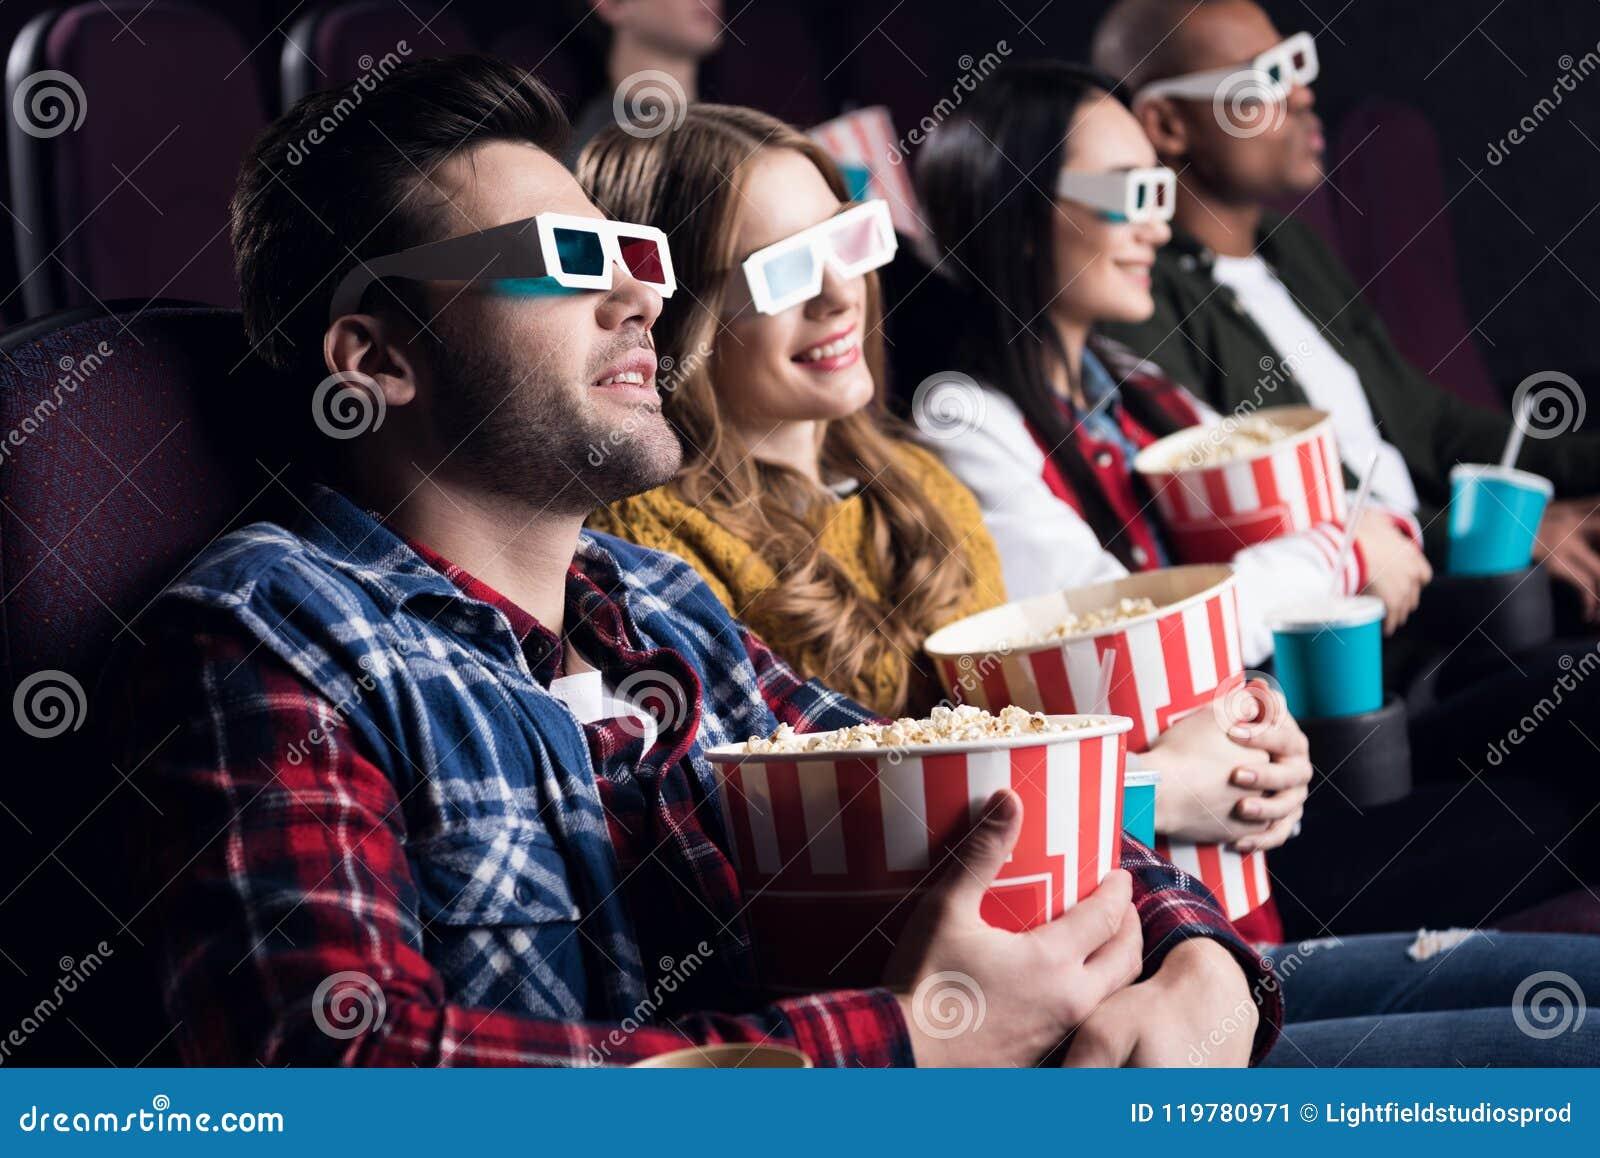 νέοι φίλοι στα τρισδιάστατα γυαλιά με popcorn και σόδας τον κινηματογράφο προσοχής